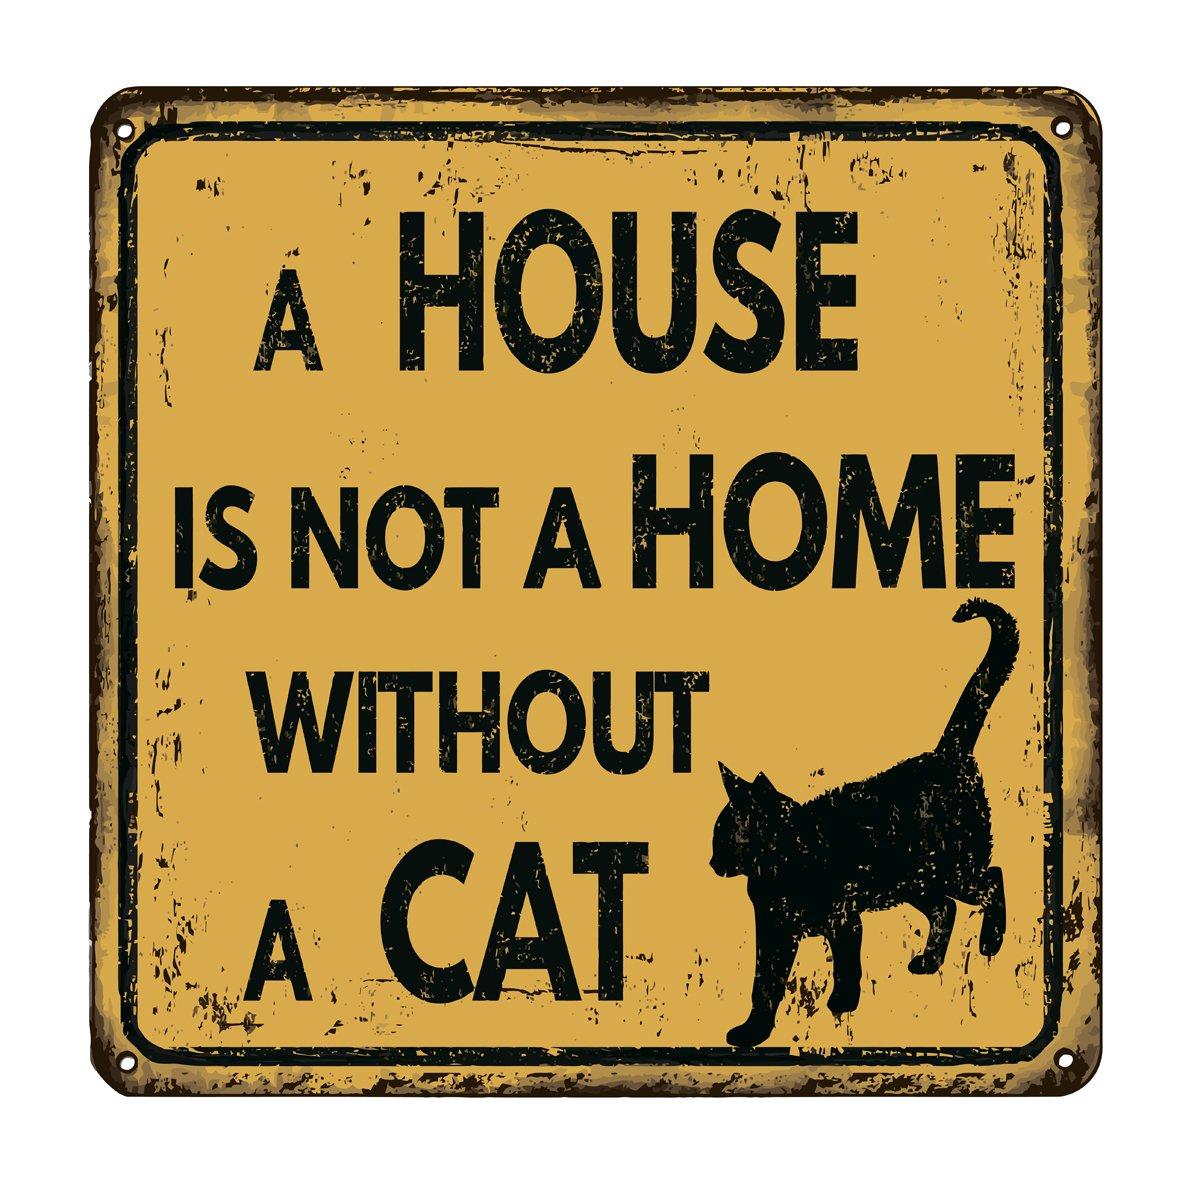 Постер-картина Фото-постеры Дом находится не дома без кошки старинные металлический знак, 20x20 см, на бумагеСмешные таблички<br>Постер на холсте или бумаге. Любого нужного вам размера. В раме или без. Подвес в комплекте. Трехслойная надежная упаковка. Доставим в любую точку России. Вам осталось только повесить картину на стену!<br>